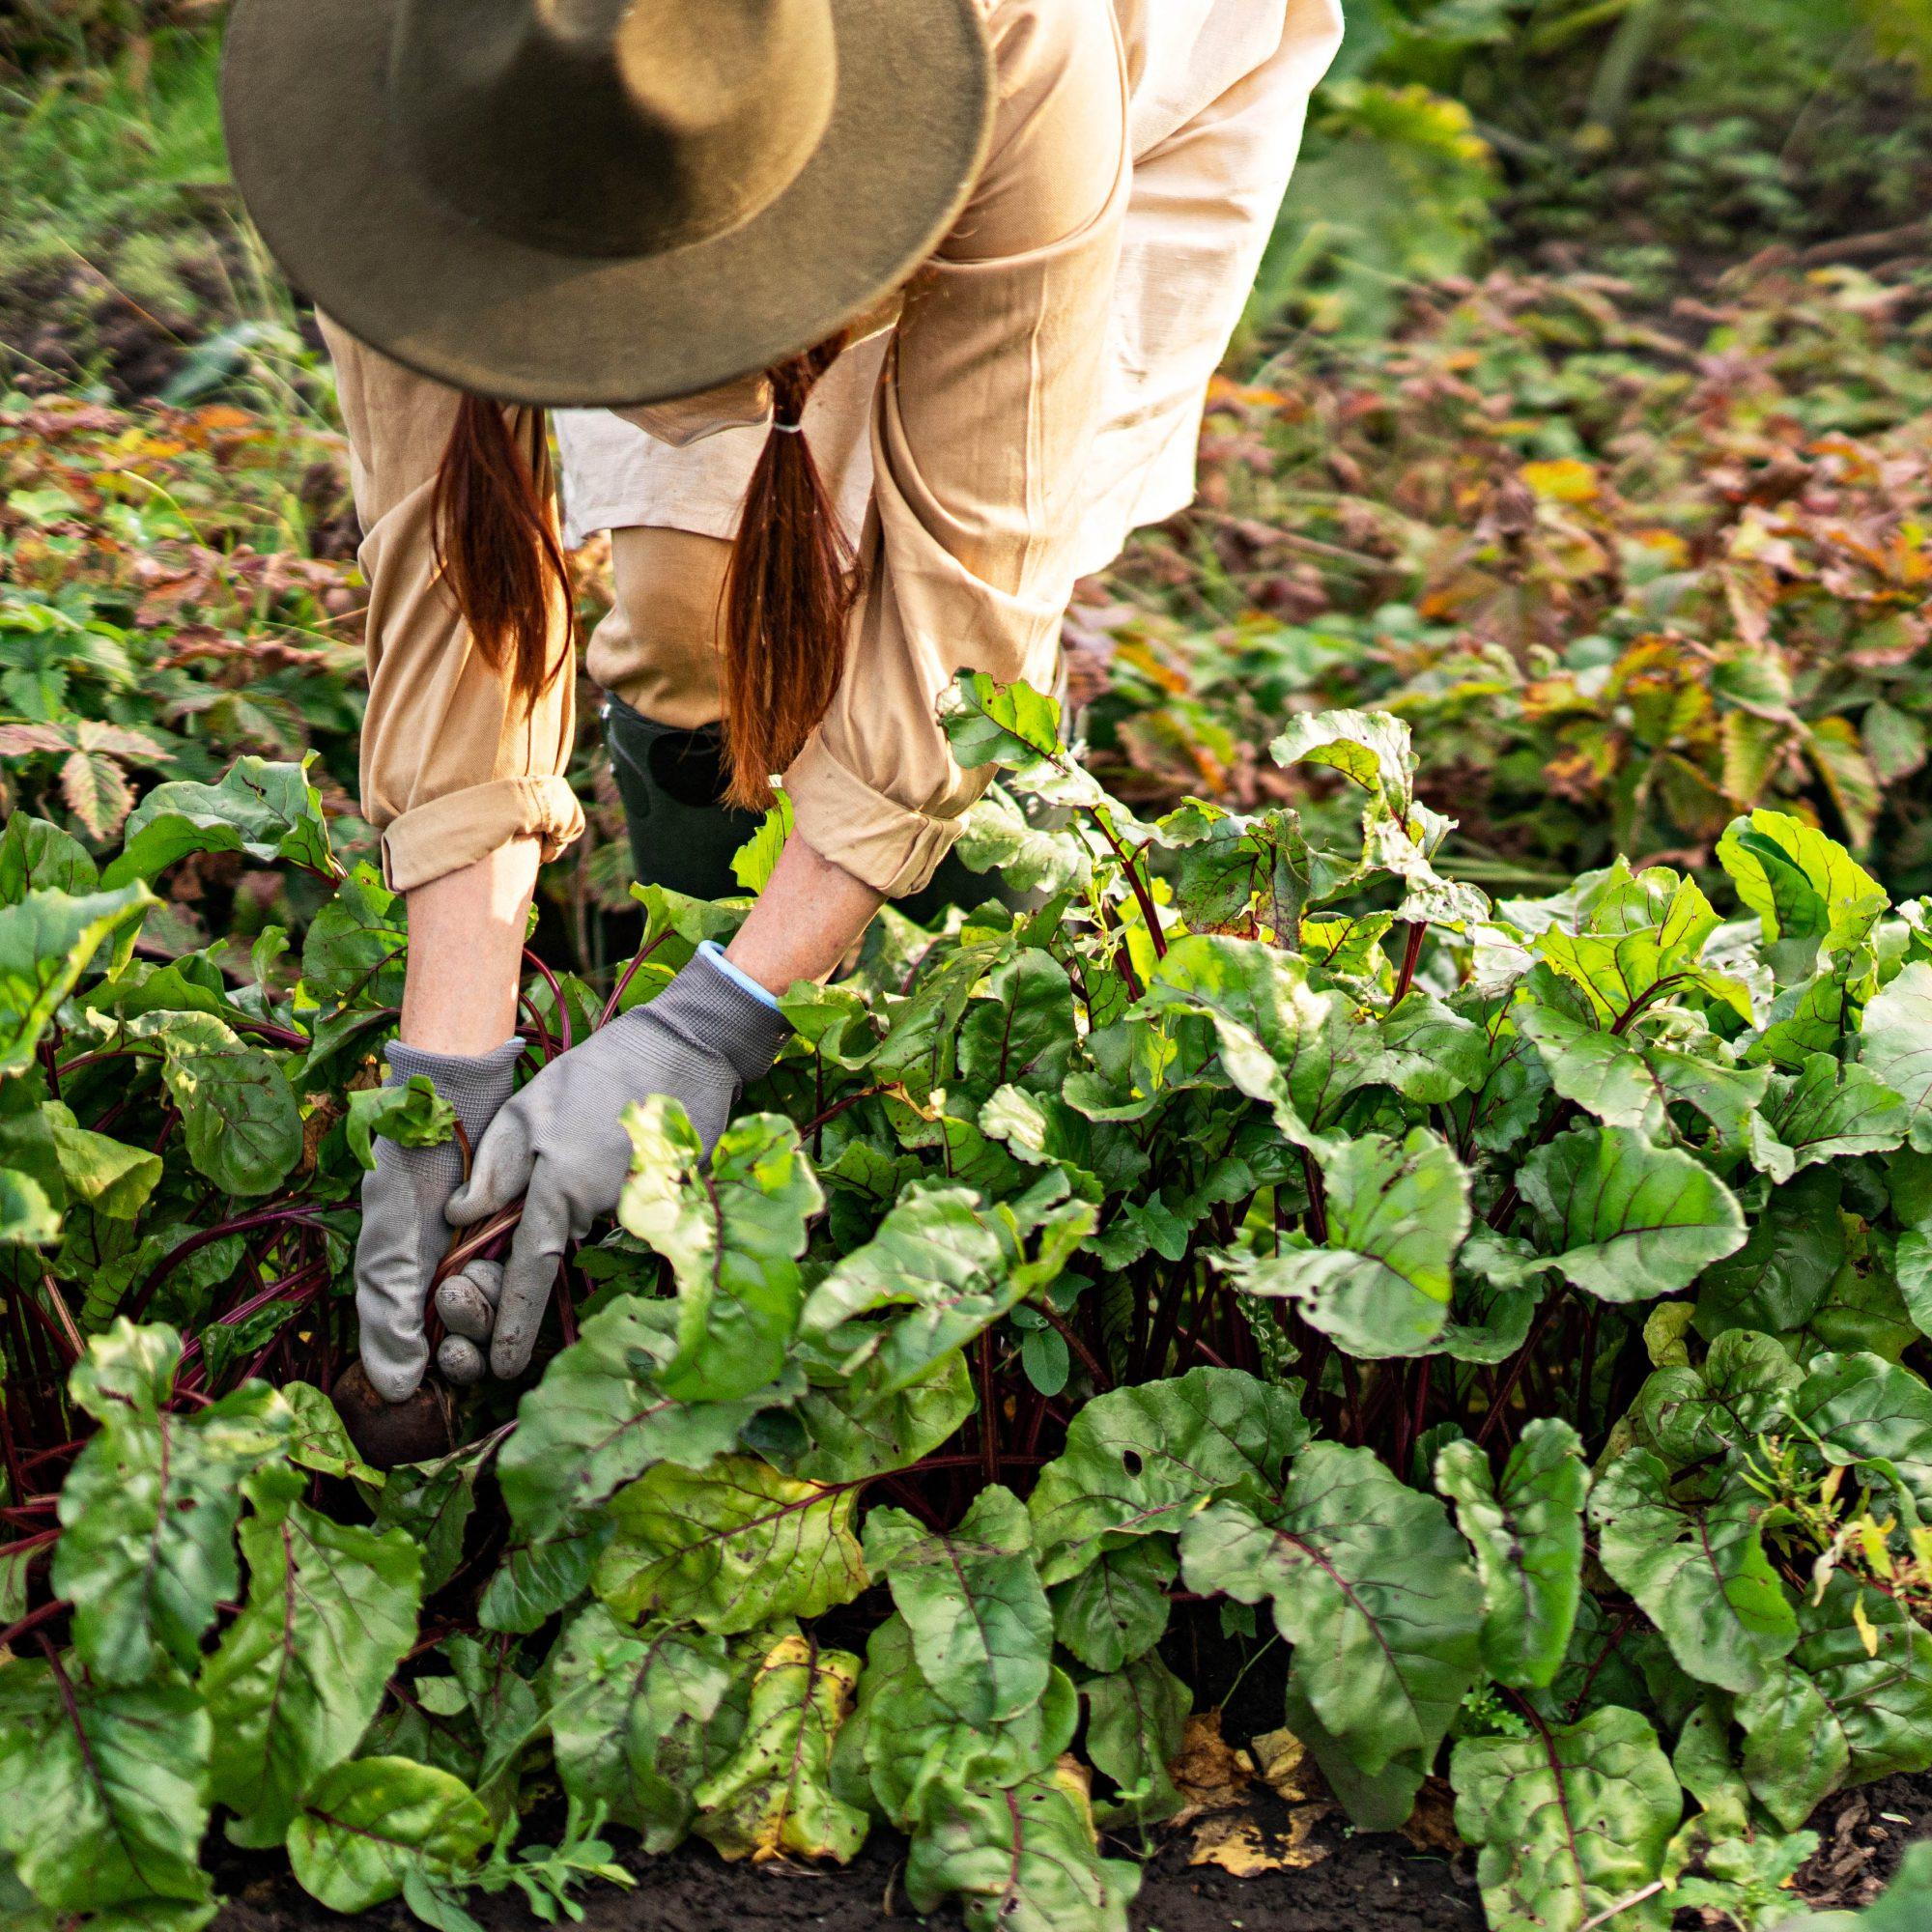 woman tending vegetable garden